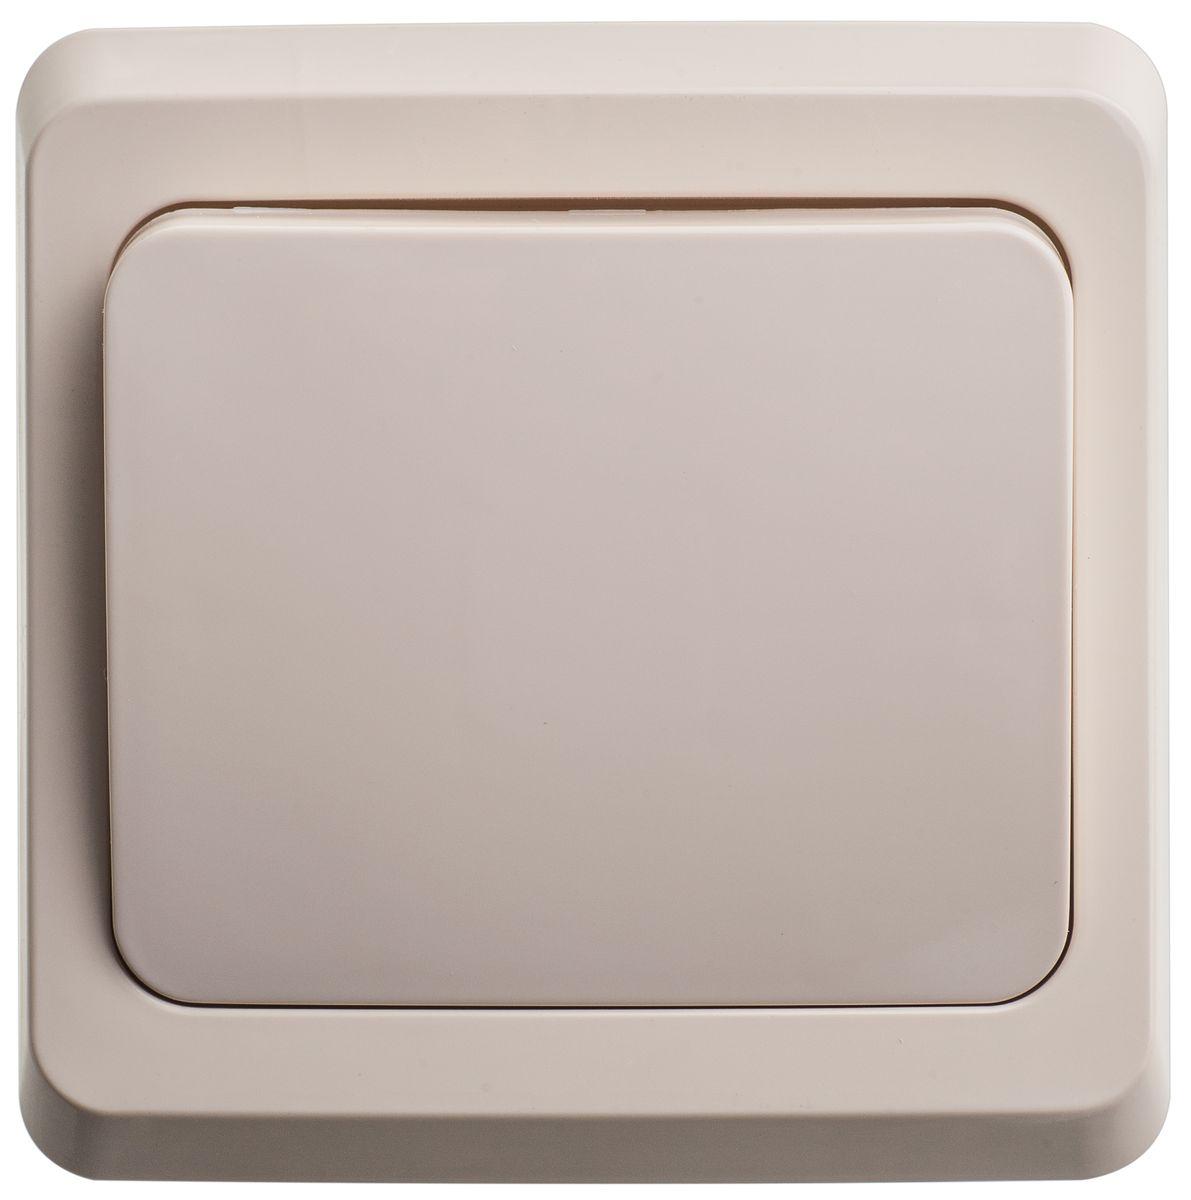 Выключатель Schneider Electric Этюд, цвет: кремовый. BC10-001BC10-001KОдноклавишный выключатель Schneider Electric Этюд предназначен для скрытой установки. Выполнен из высококачественного пластика. Изделие просто в установке, надежно в эксплуатации. Специальное покрытие не позволяет пыли собираться на поверхности. Такой выключатель станет удачным решением для дома и дачи. Функция выключателя: одноканальный. Тип контактов: 1 Н.О. Диапазон мощности: Номинальный ток: 250 В. Тип клемм: винтовые зажимы 2,5 мм2. Длина зачистки проводов: 11 мм. Степень защиты: IP20.